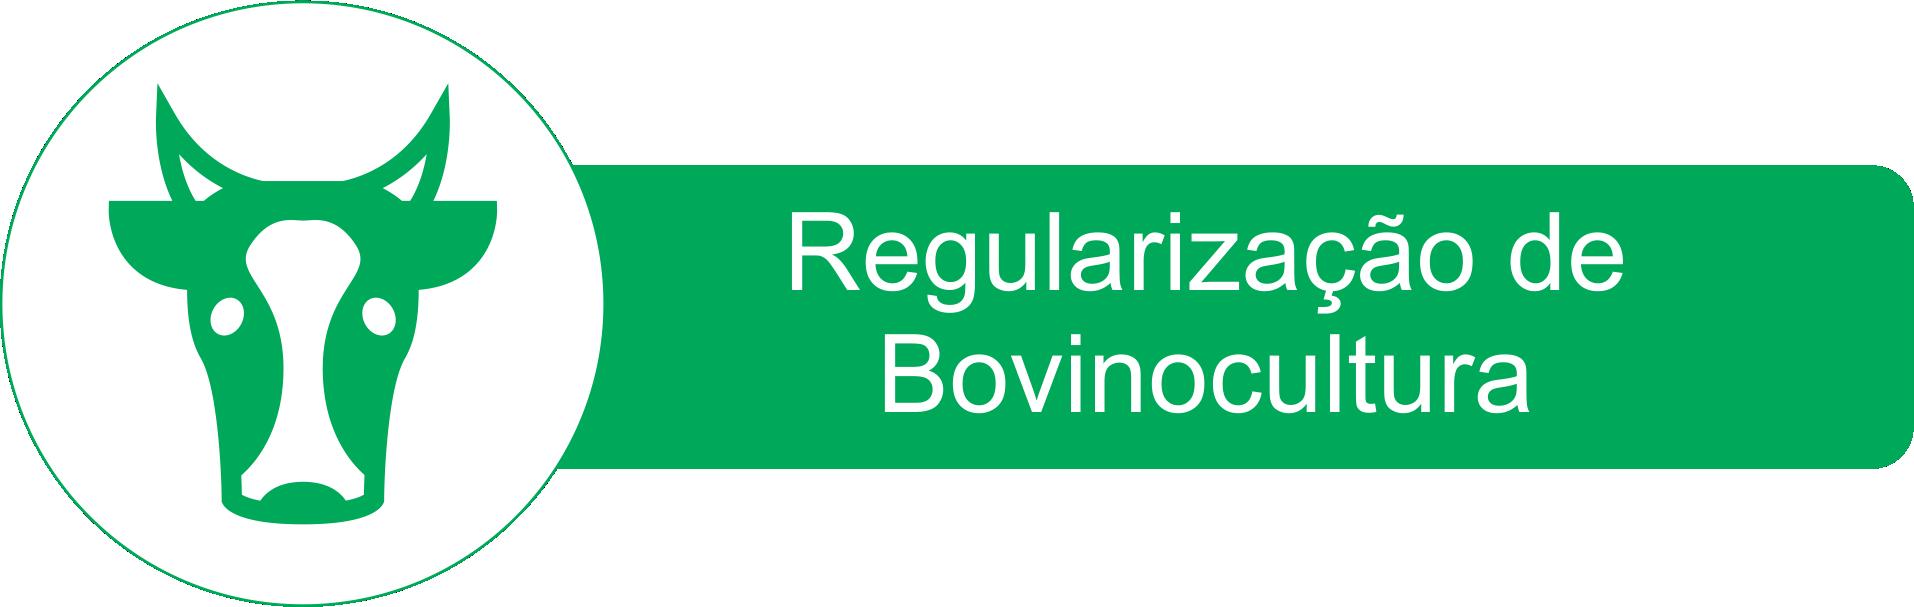 Regularização de Bovinocultura